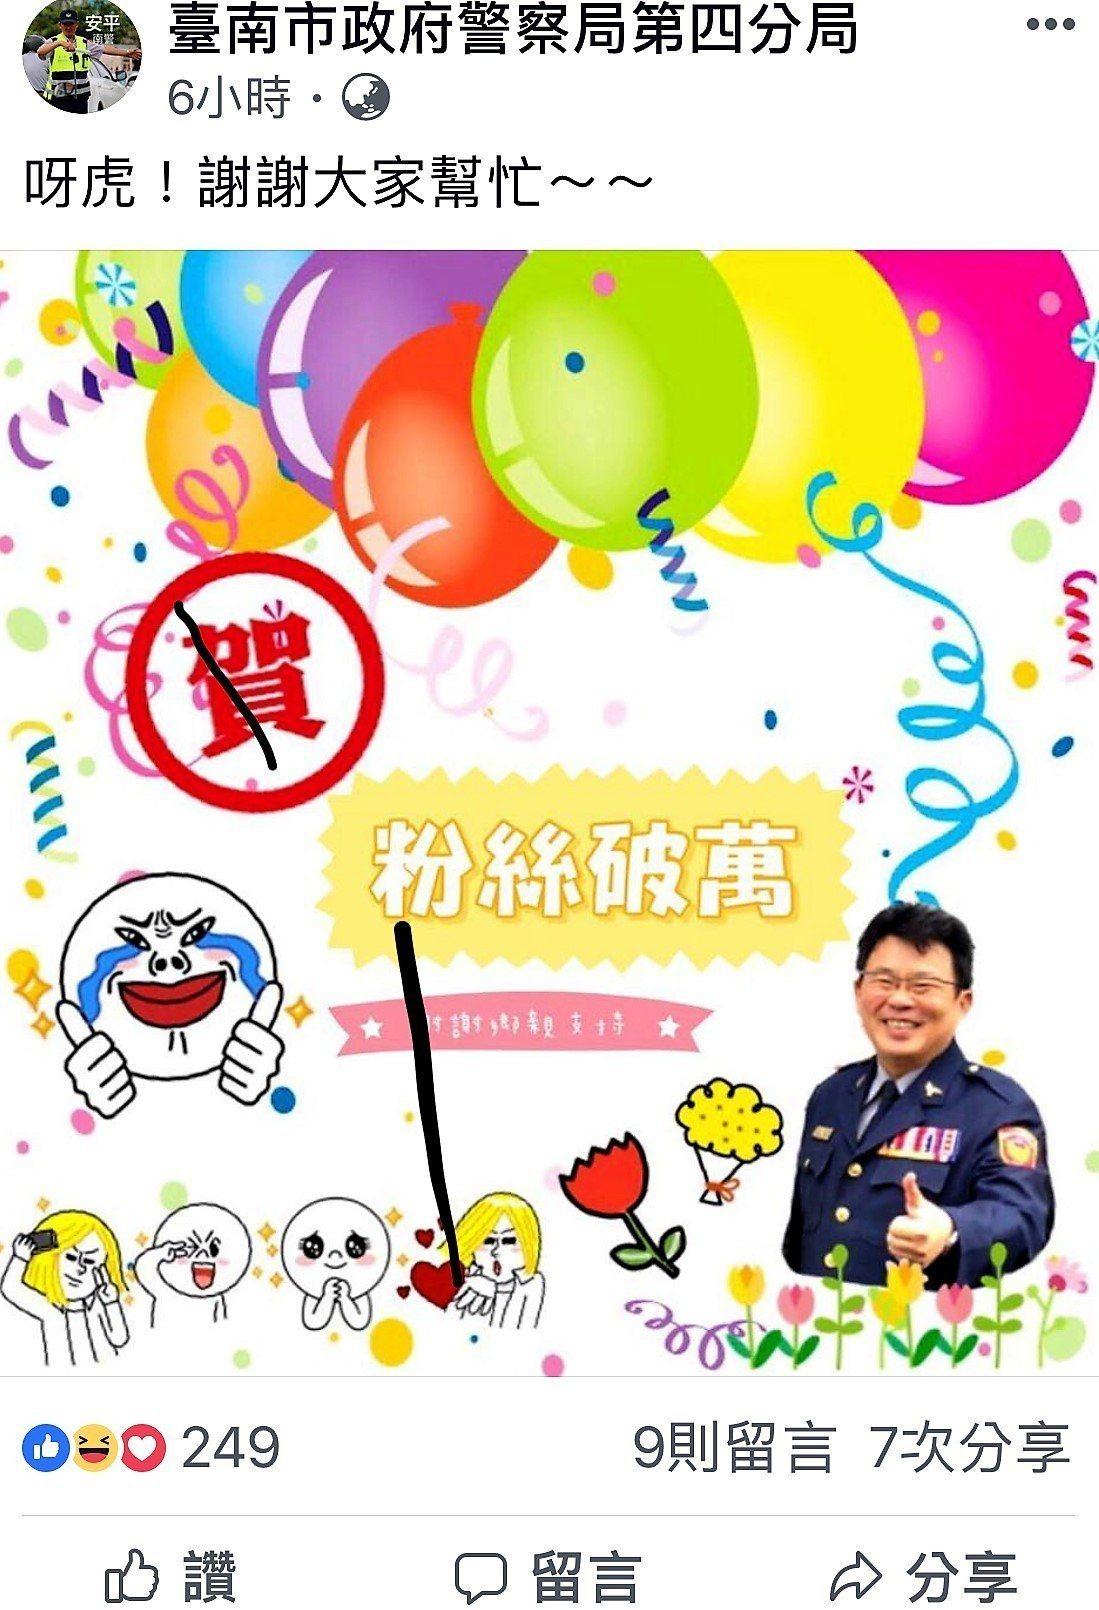 「賀!粉絲破萬」台南市警局第4分局臉書粉絲團,今天破萬了。記者邵心杰/攝影